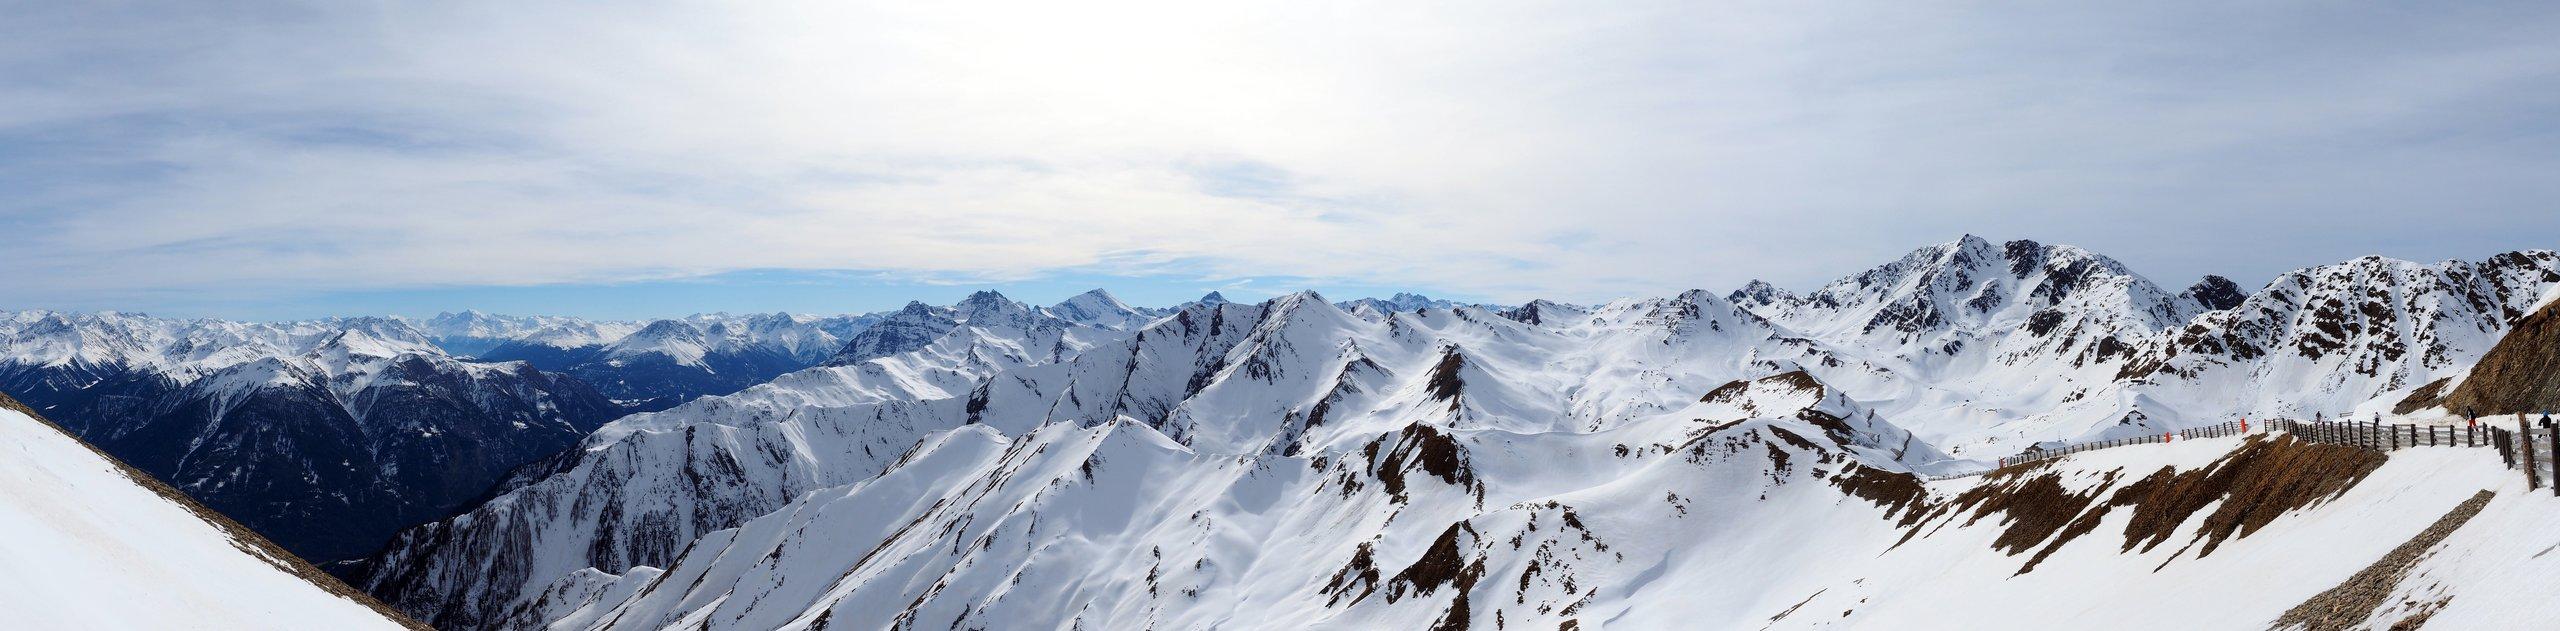 Winter luxapart ambiente - Proyector worten ...